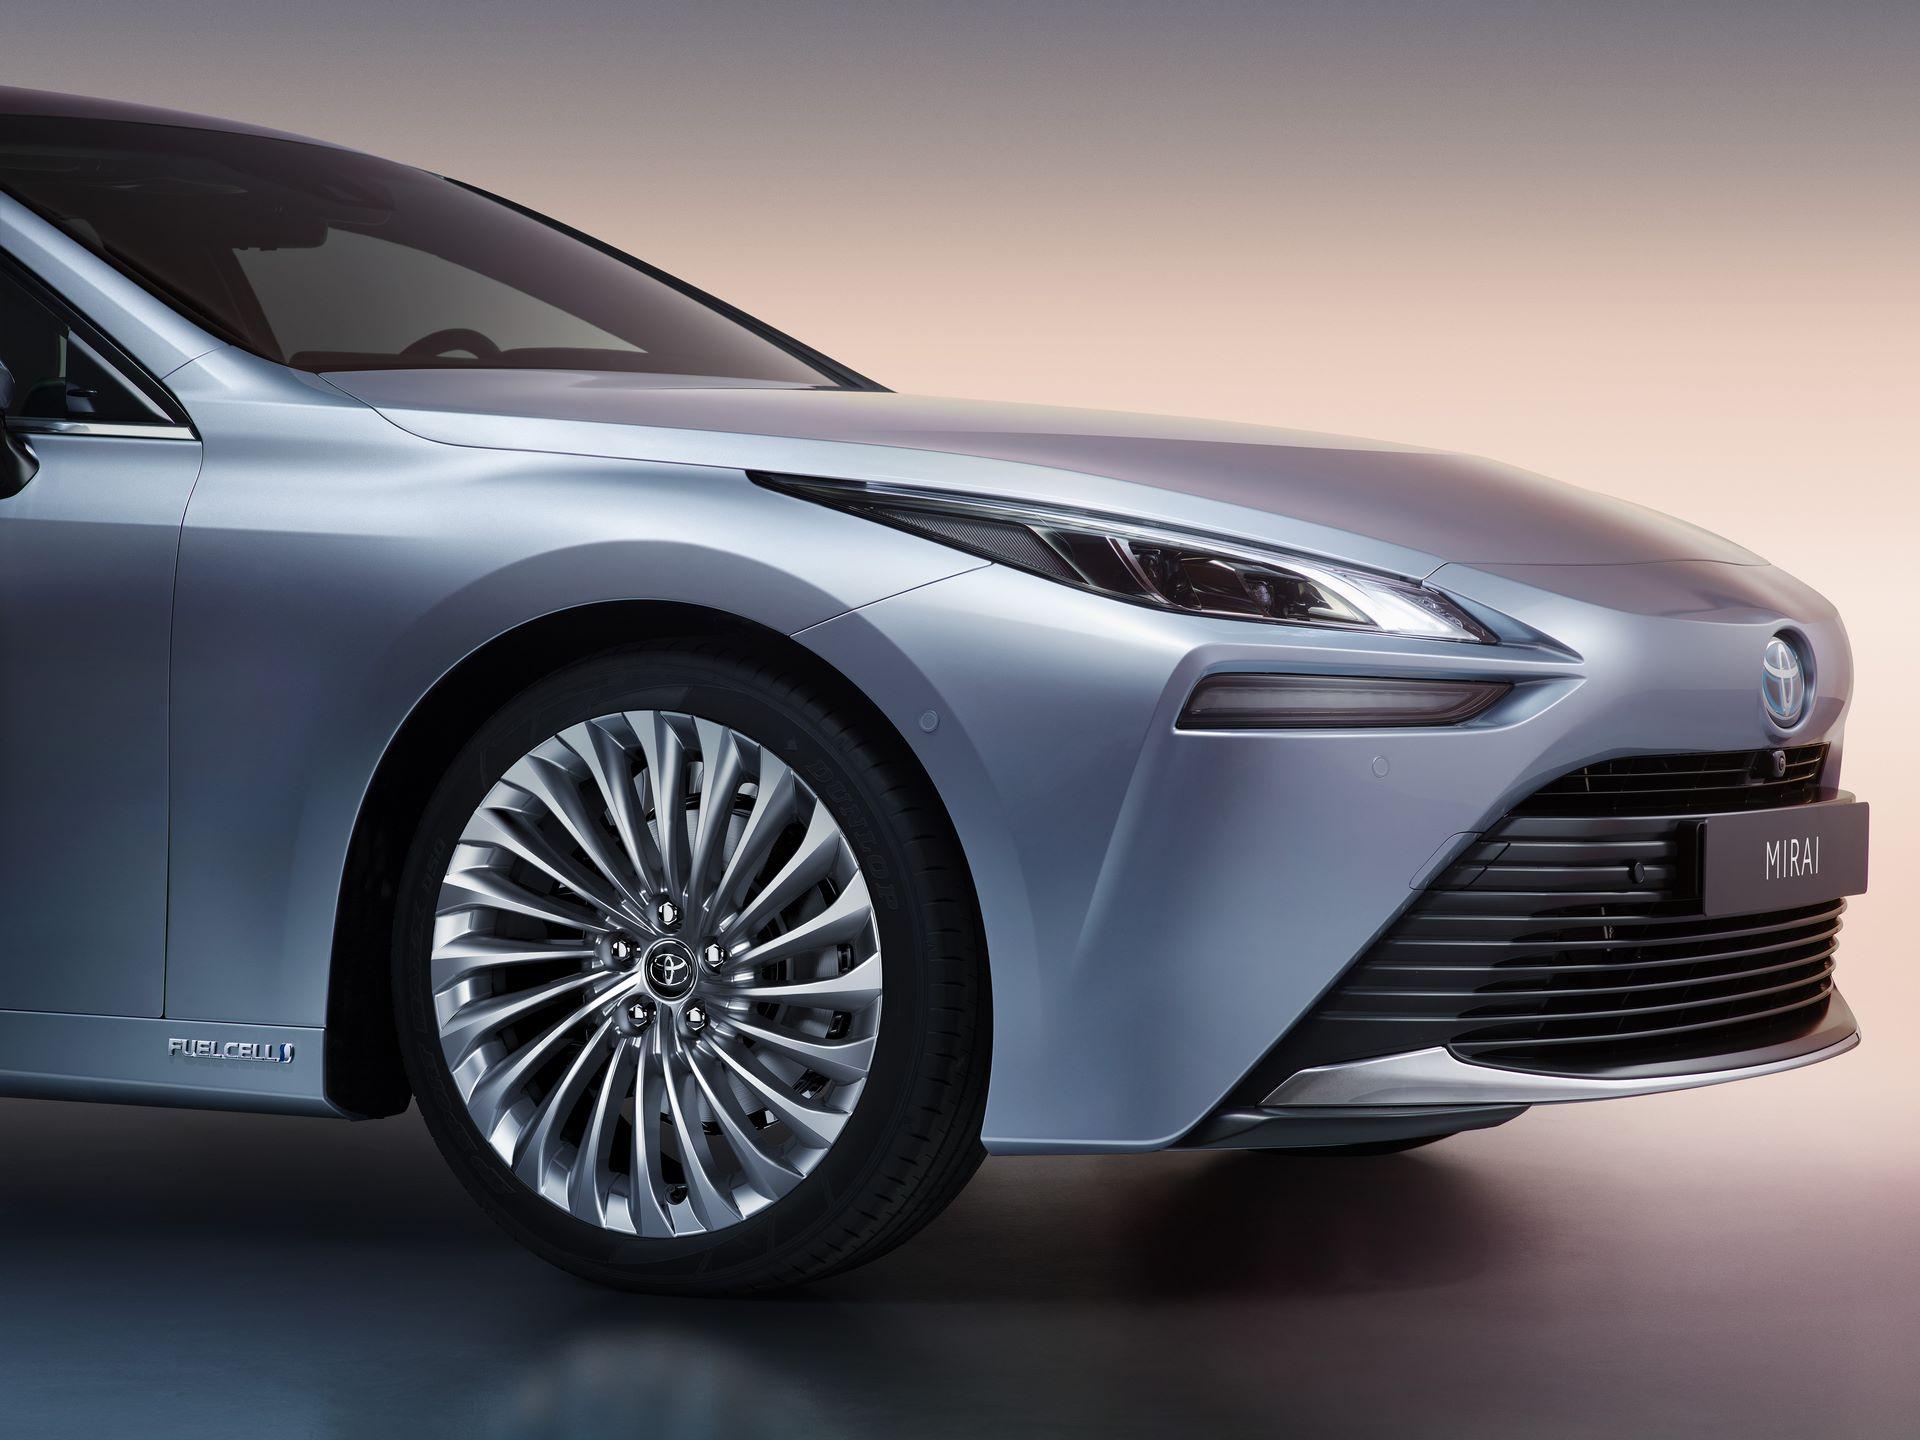 Toyota-Mirai-2020-4